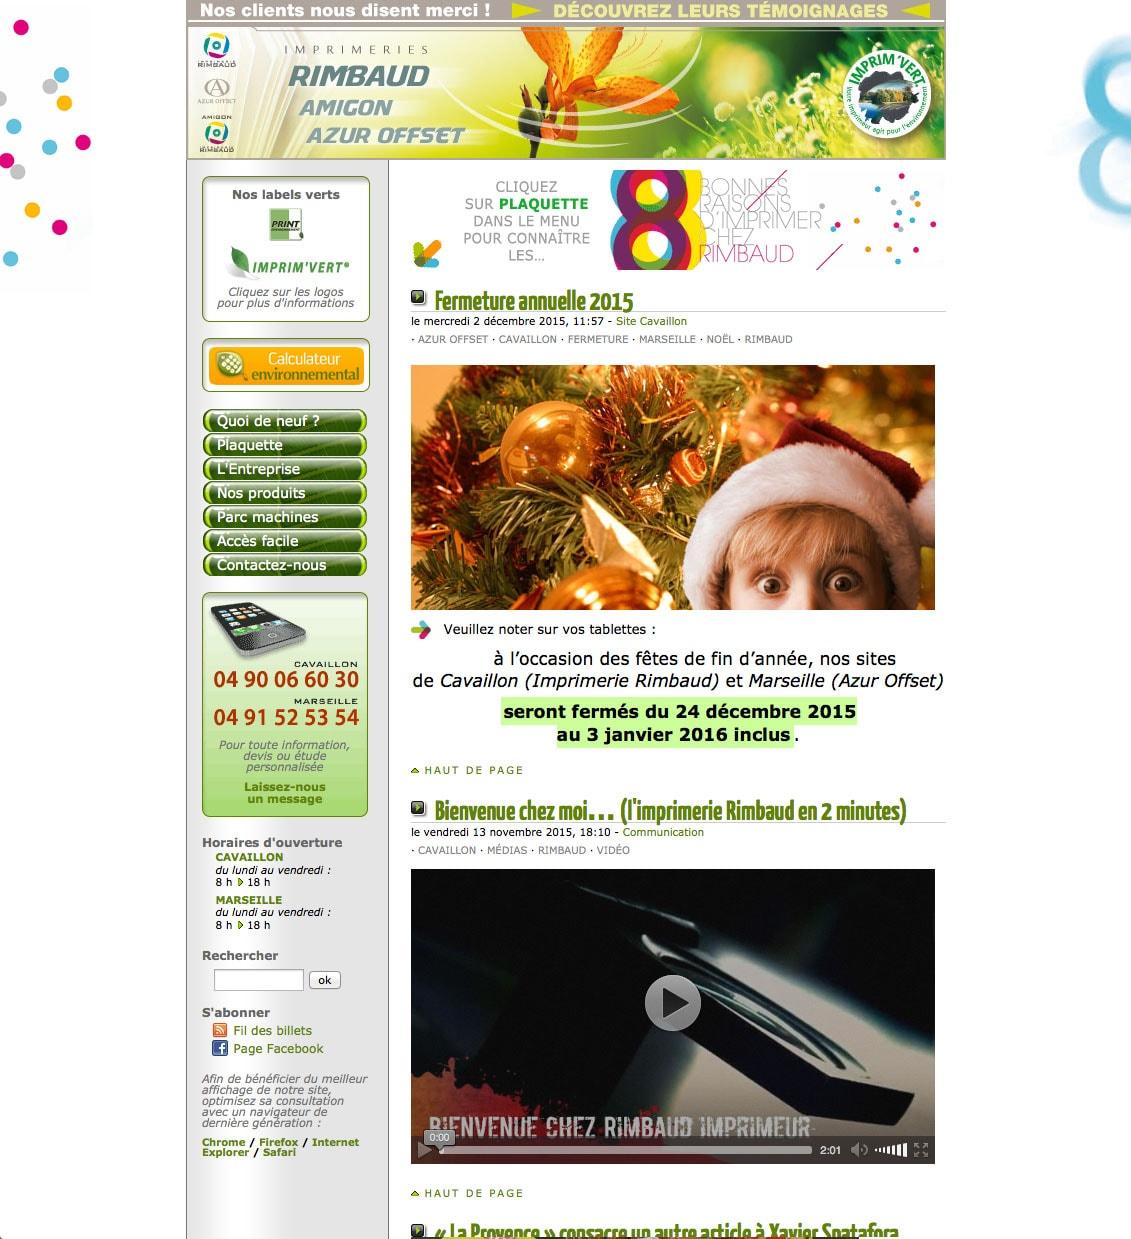 Haut de la page d'accueil du site de l'imprimerie Rimbaud